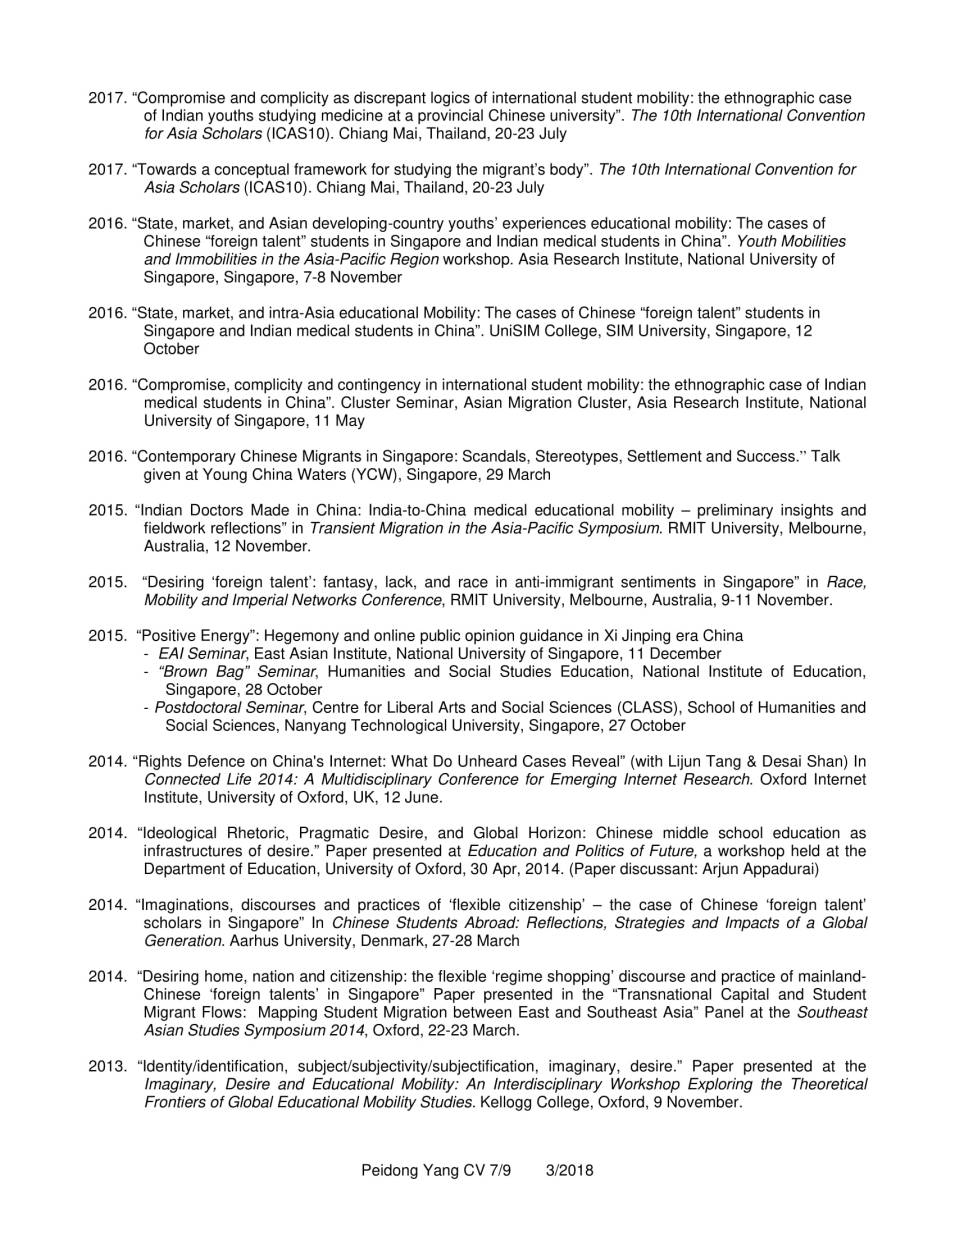 CV YANG Peidong_3.2018-7